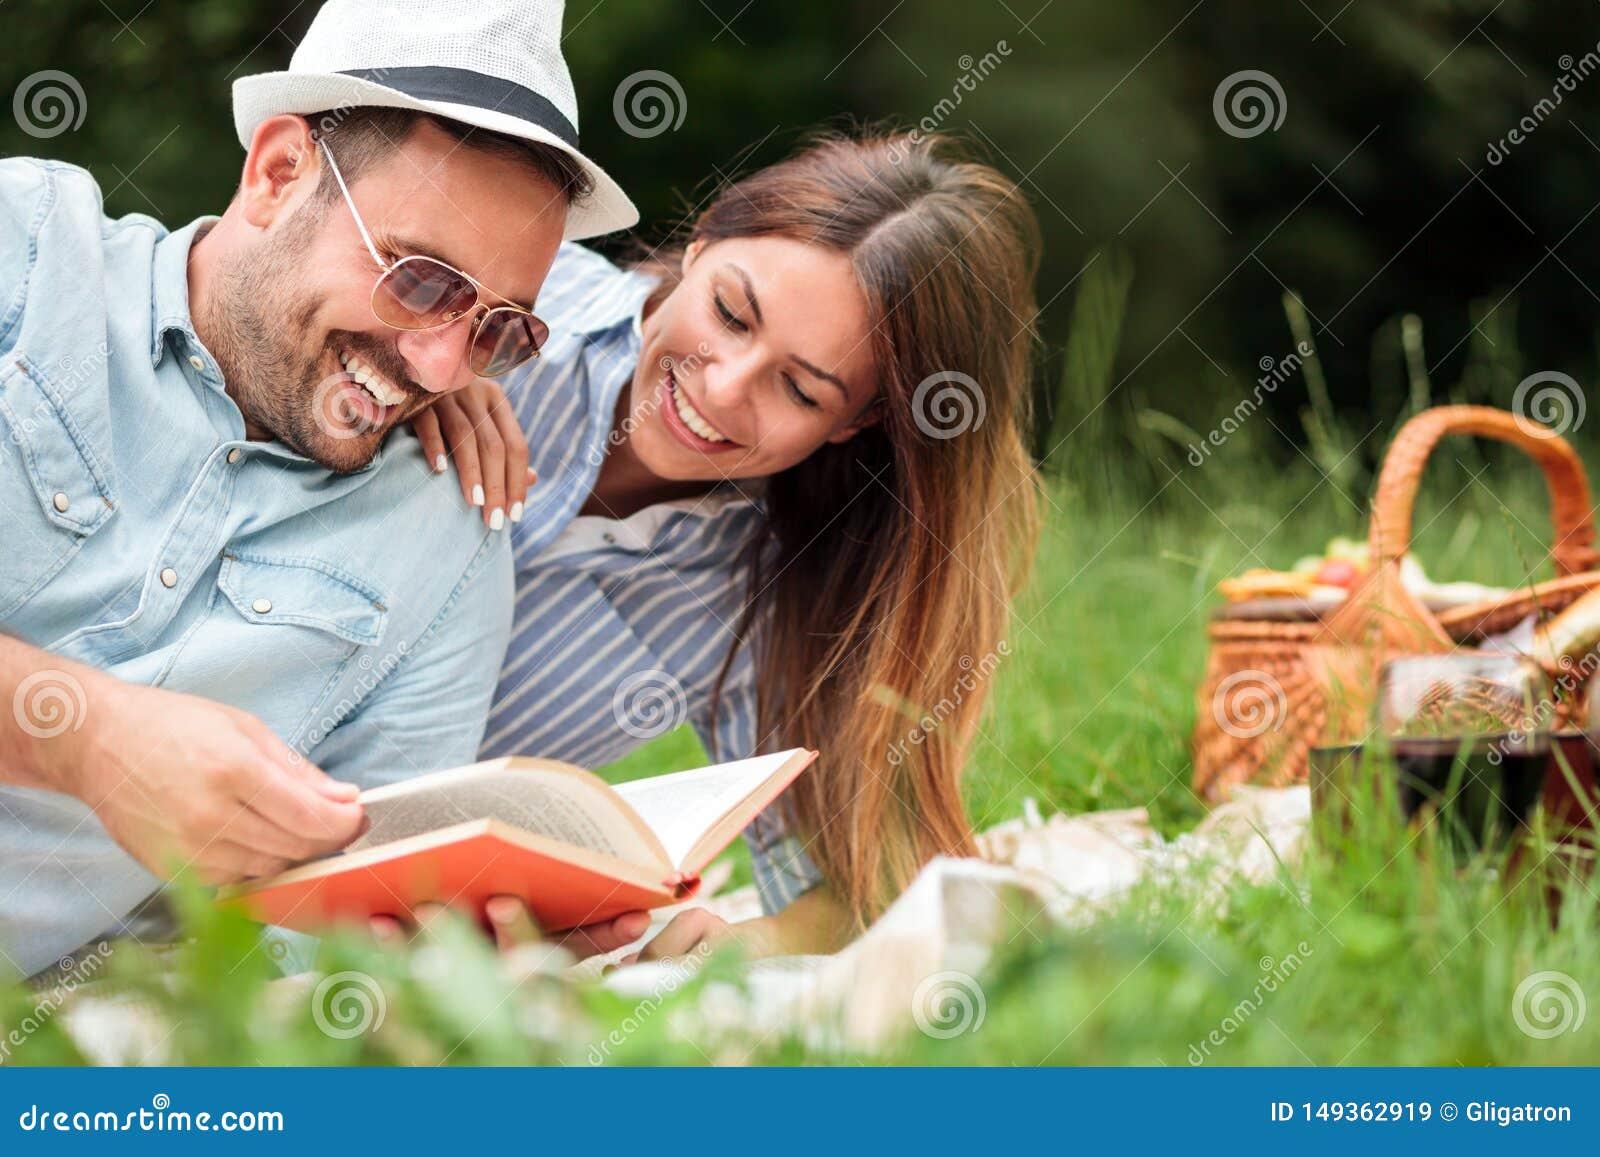 Mooi jong paar die een ontspannende romantische picknick in een park hebben